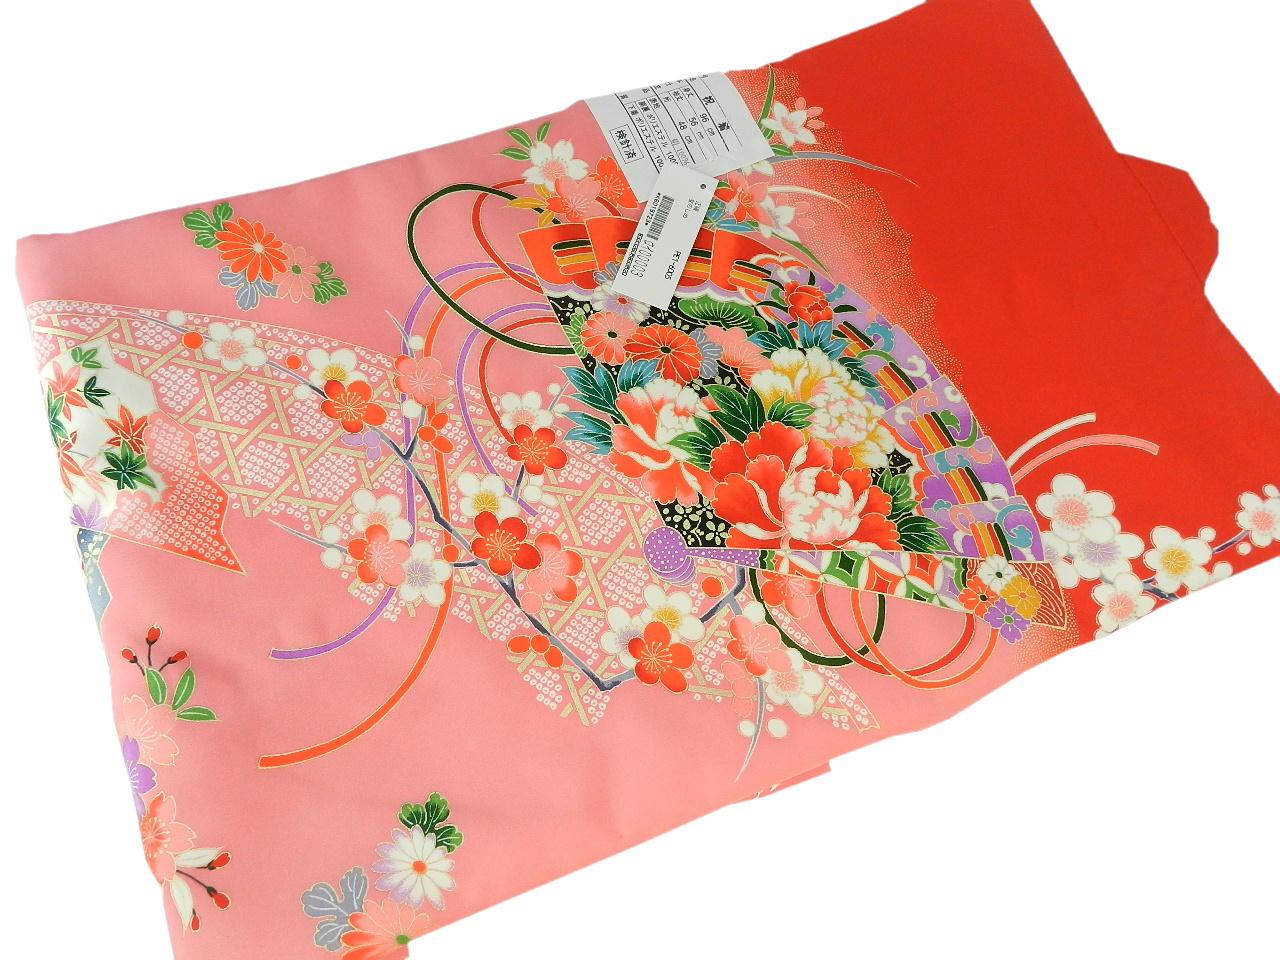 宮-10女の子女児正絹 宮参りの着物 襦袢付き祝い着セット価格産着 一つ身 のしめ祝着 着物 正絹  新品